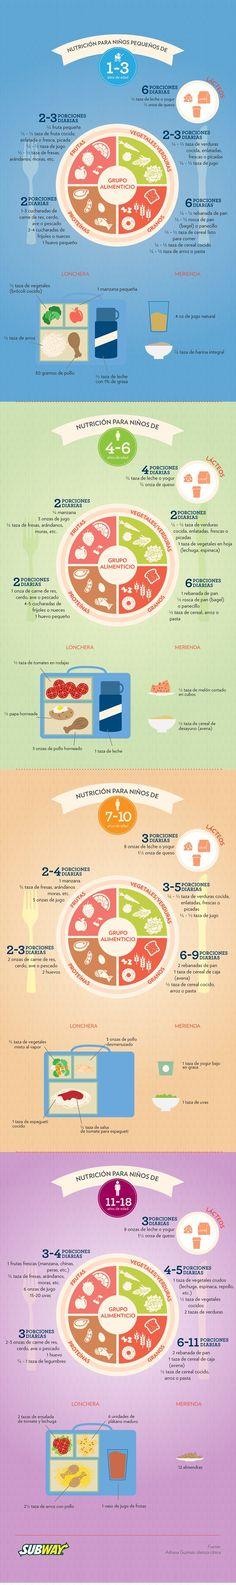 Primera Hora - Ojo con las porciones de alimentos para los niños